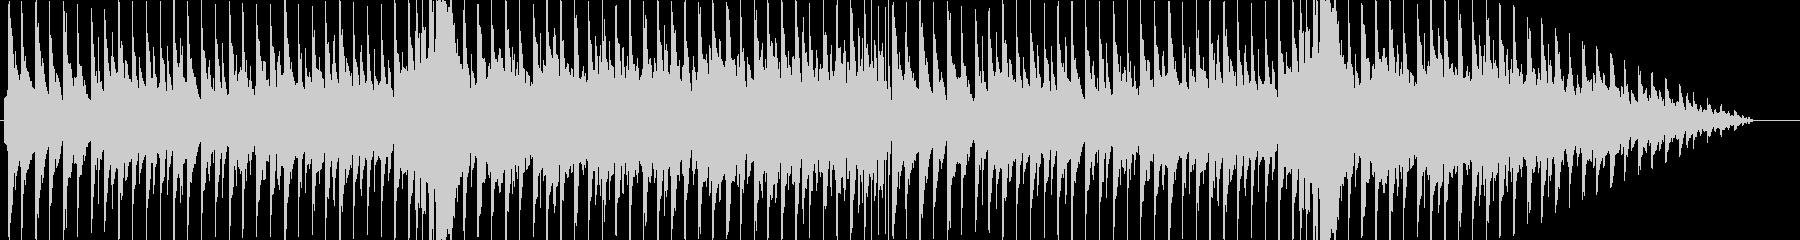 ポップ。シリアルコード、80年代。...の未再生の波形